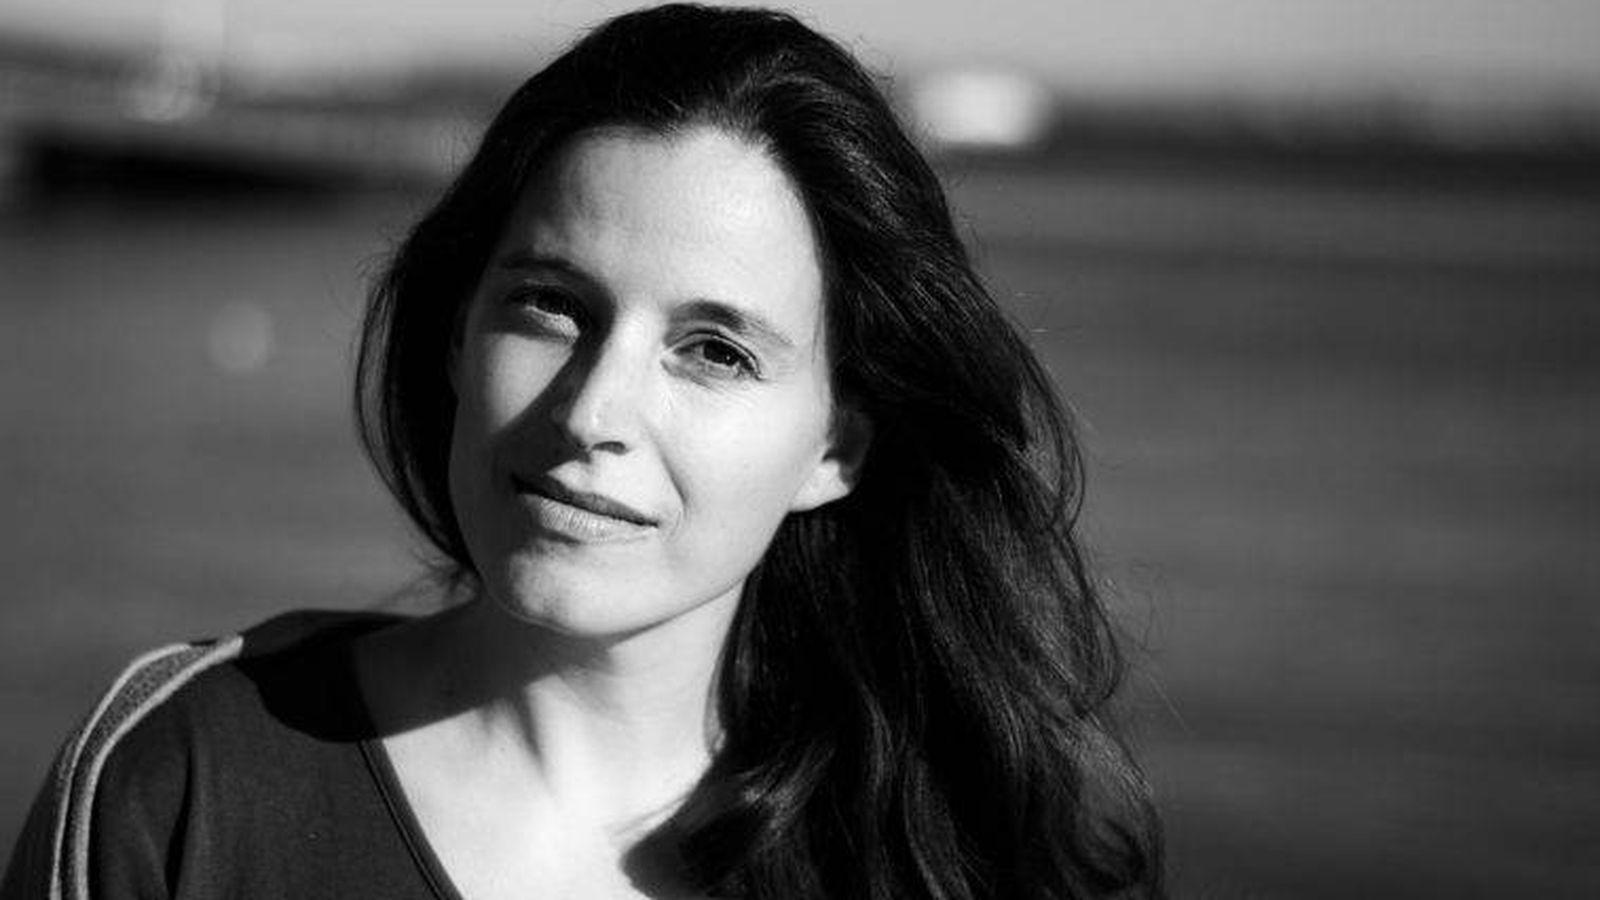 Foto: 'Ahora y en la hora de nuestra muerte' es el primer libro de la periodista Susana Moreira (Vitorino Coragem/Libros del K.O.)